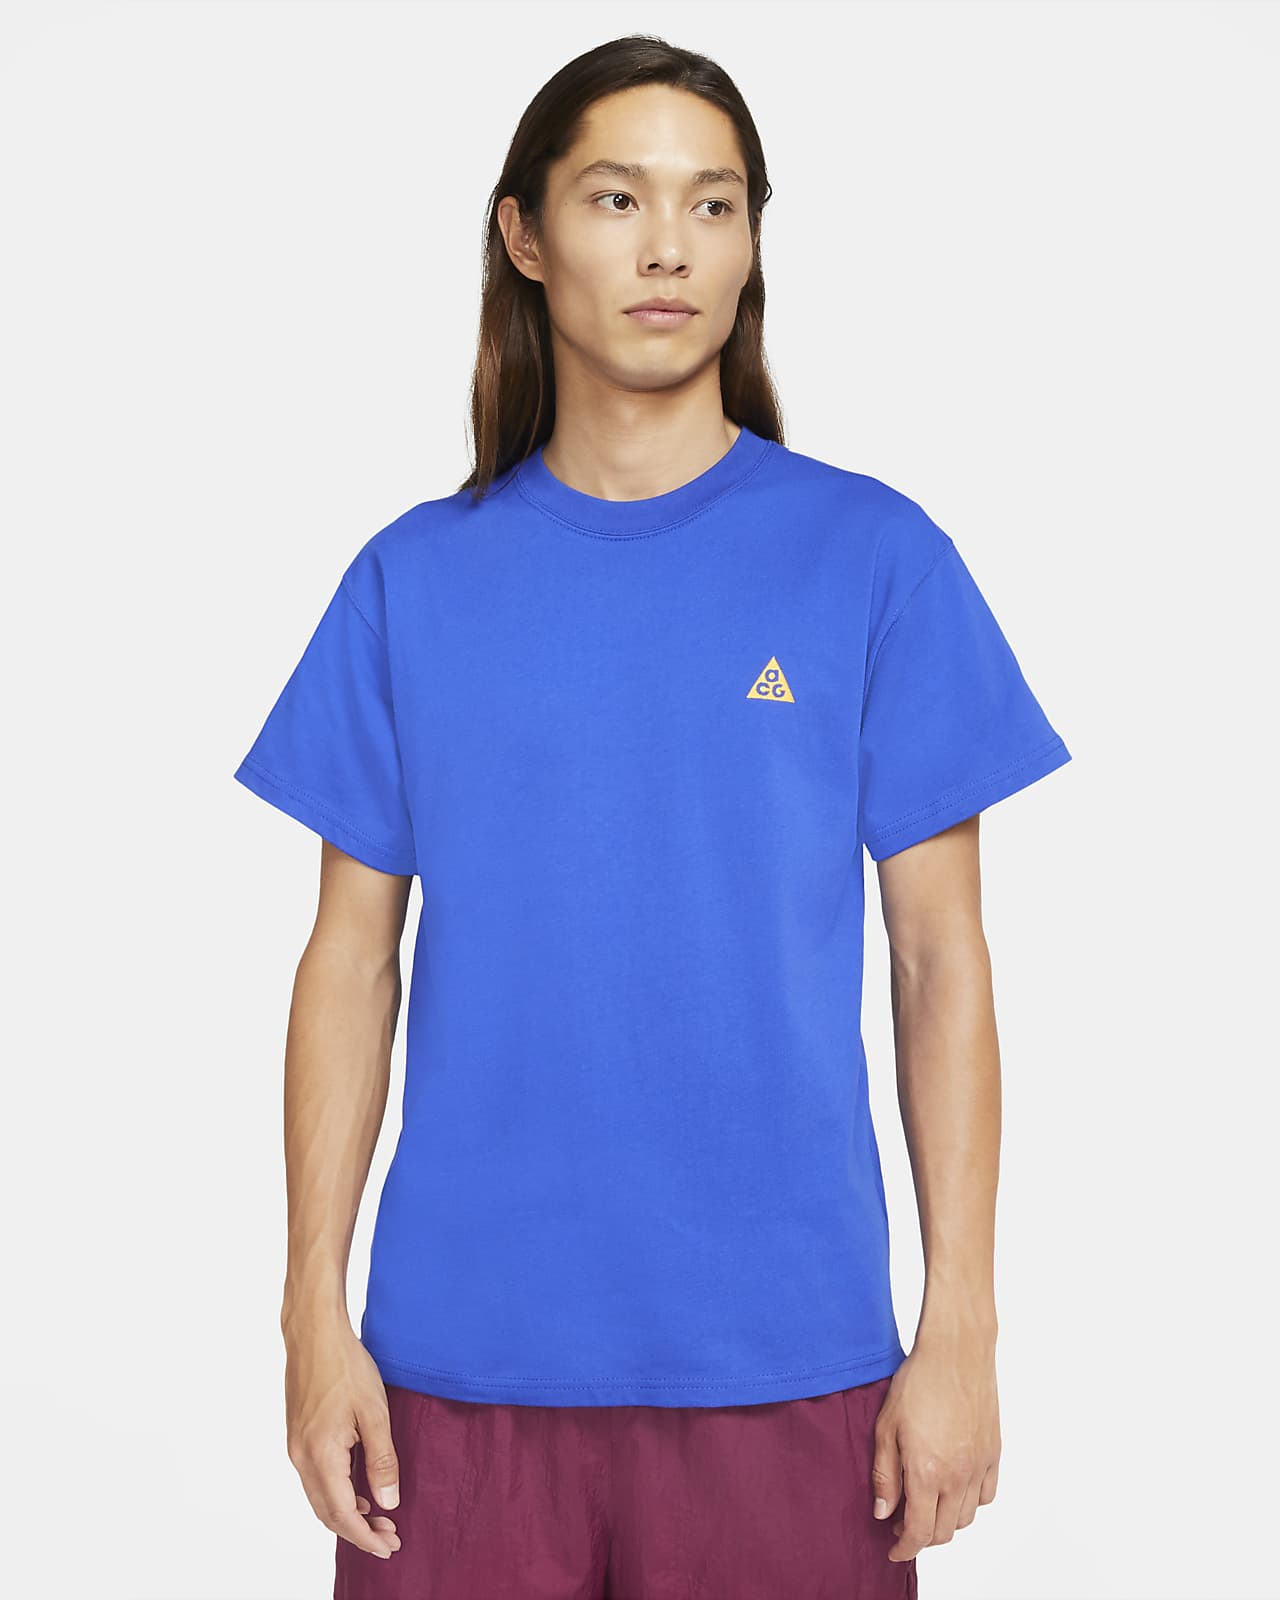 Nike ACG 男款短袖 T 恤